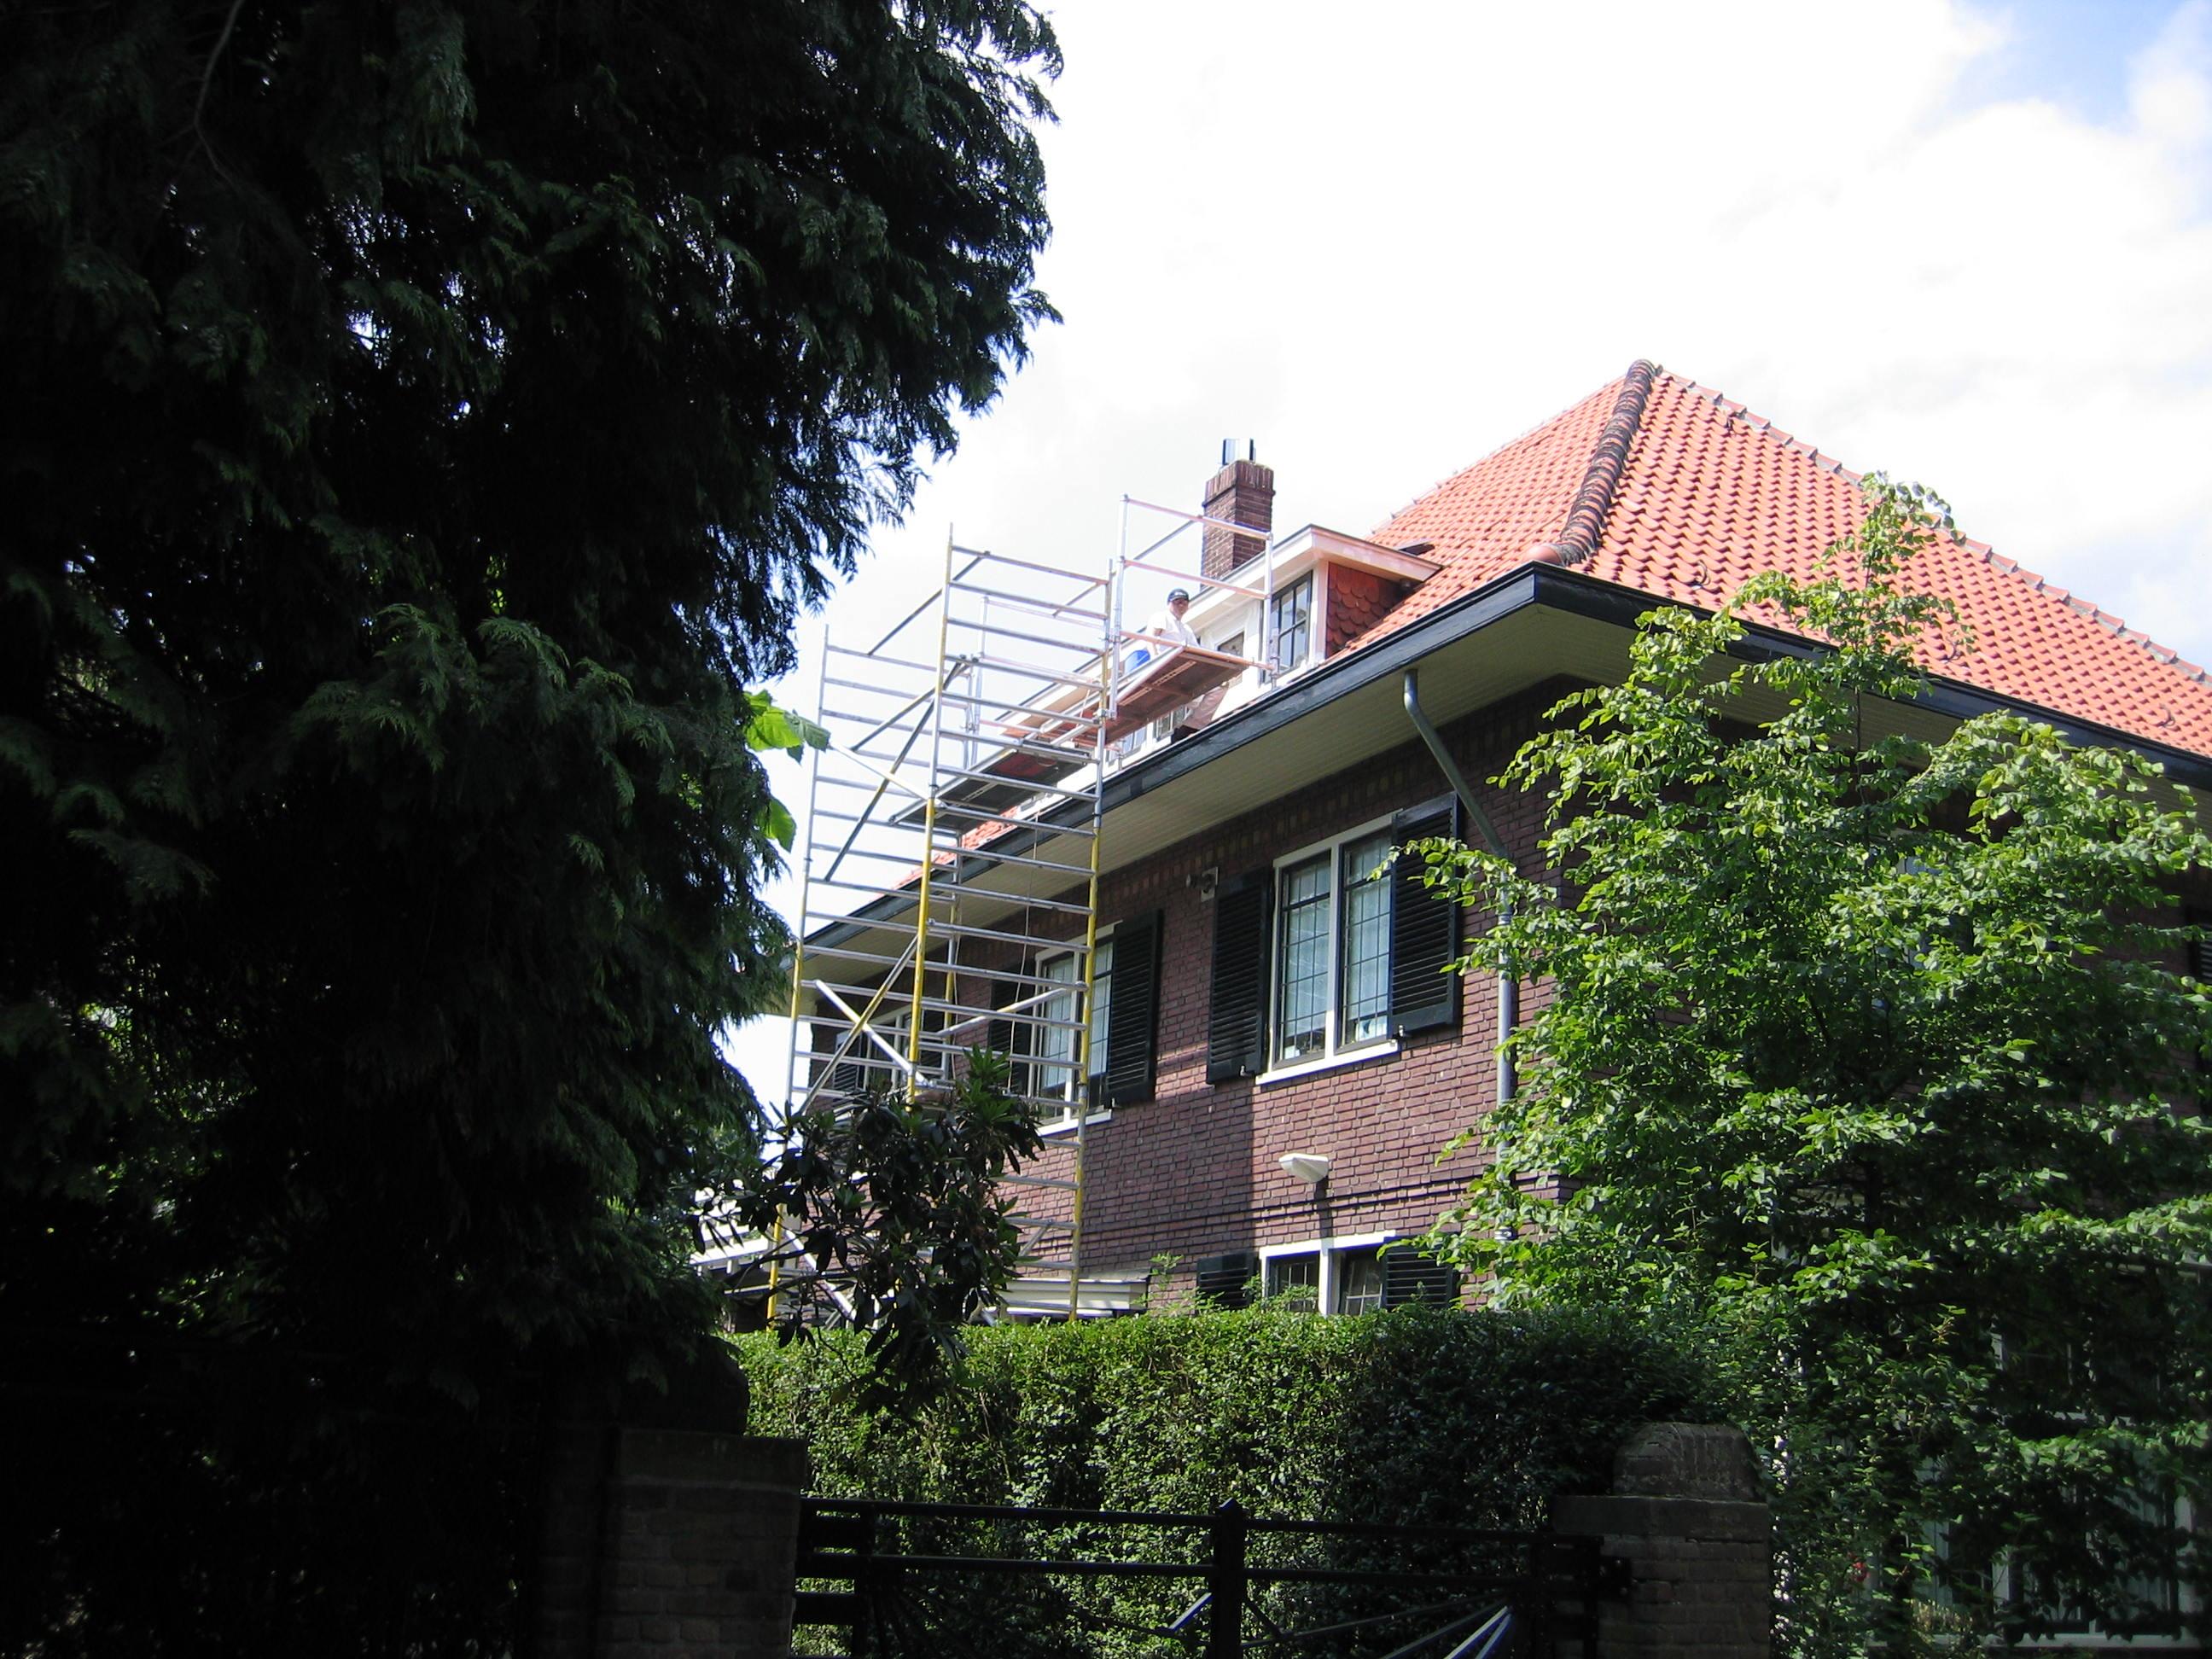 schilder-werk-1-tilburg-4